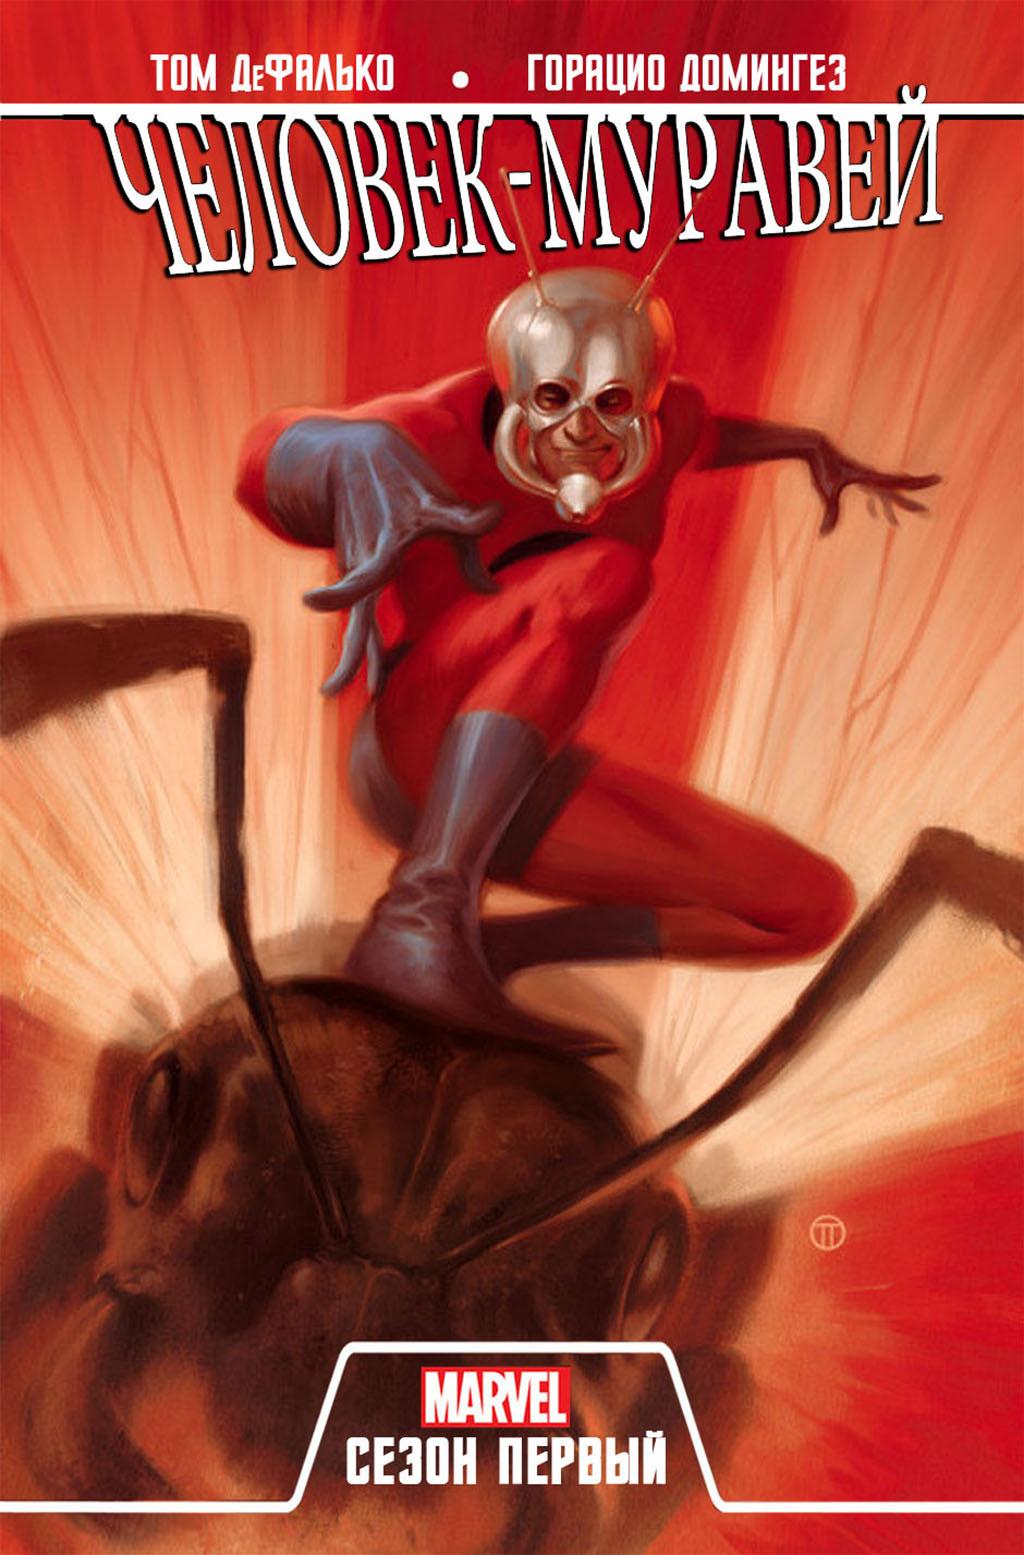 Комикс Человек муравей - Сезон первый